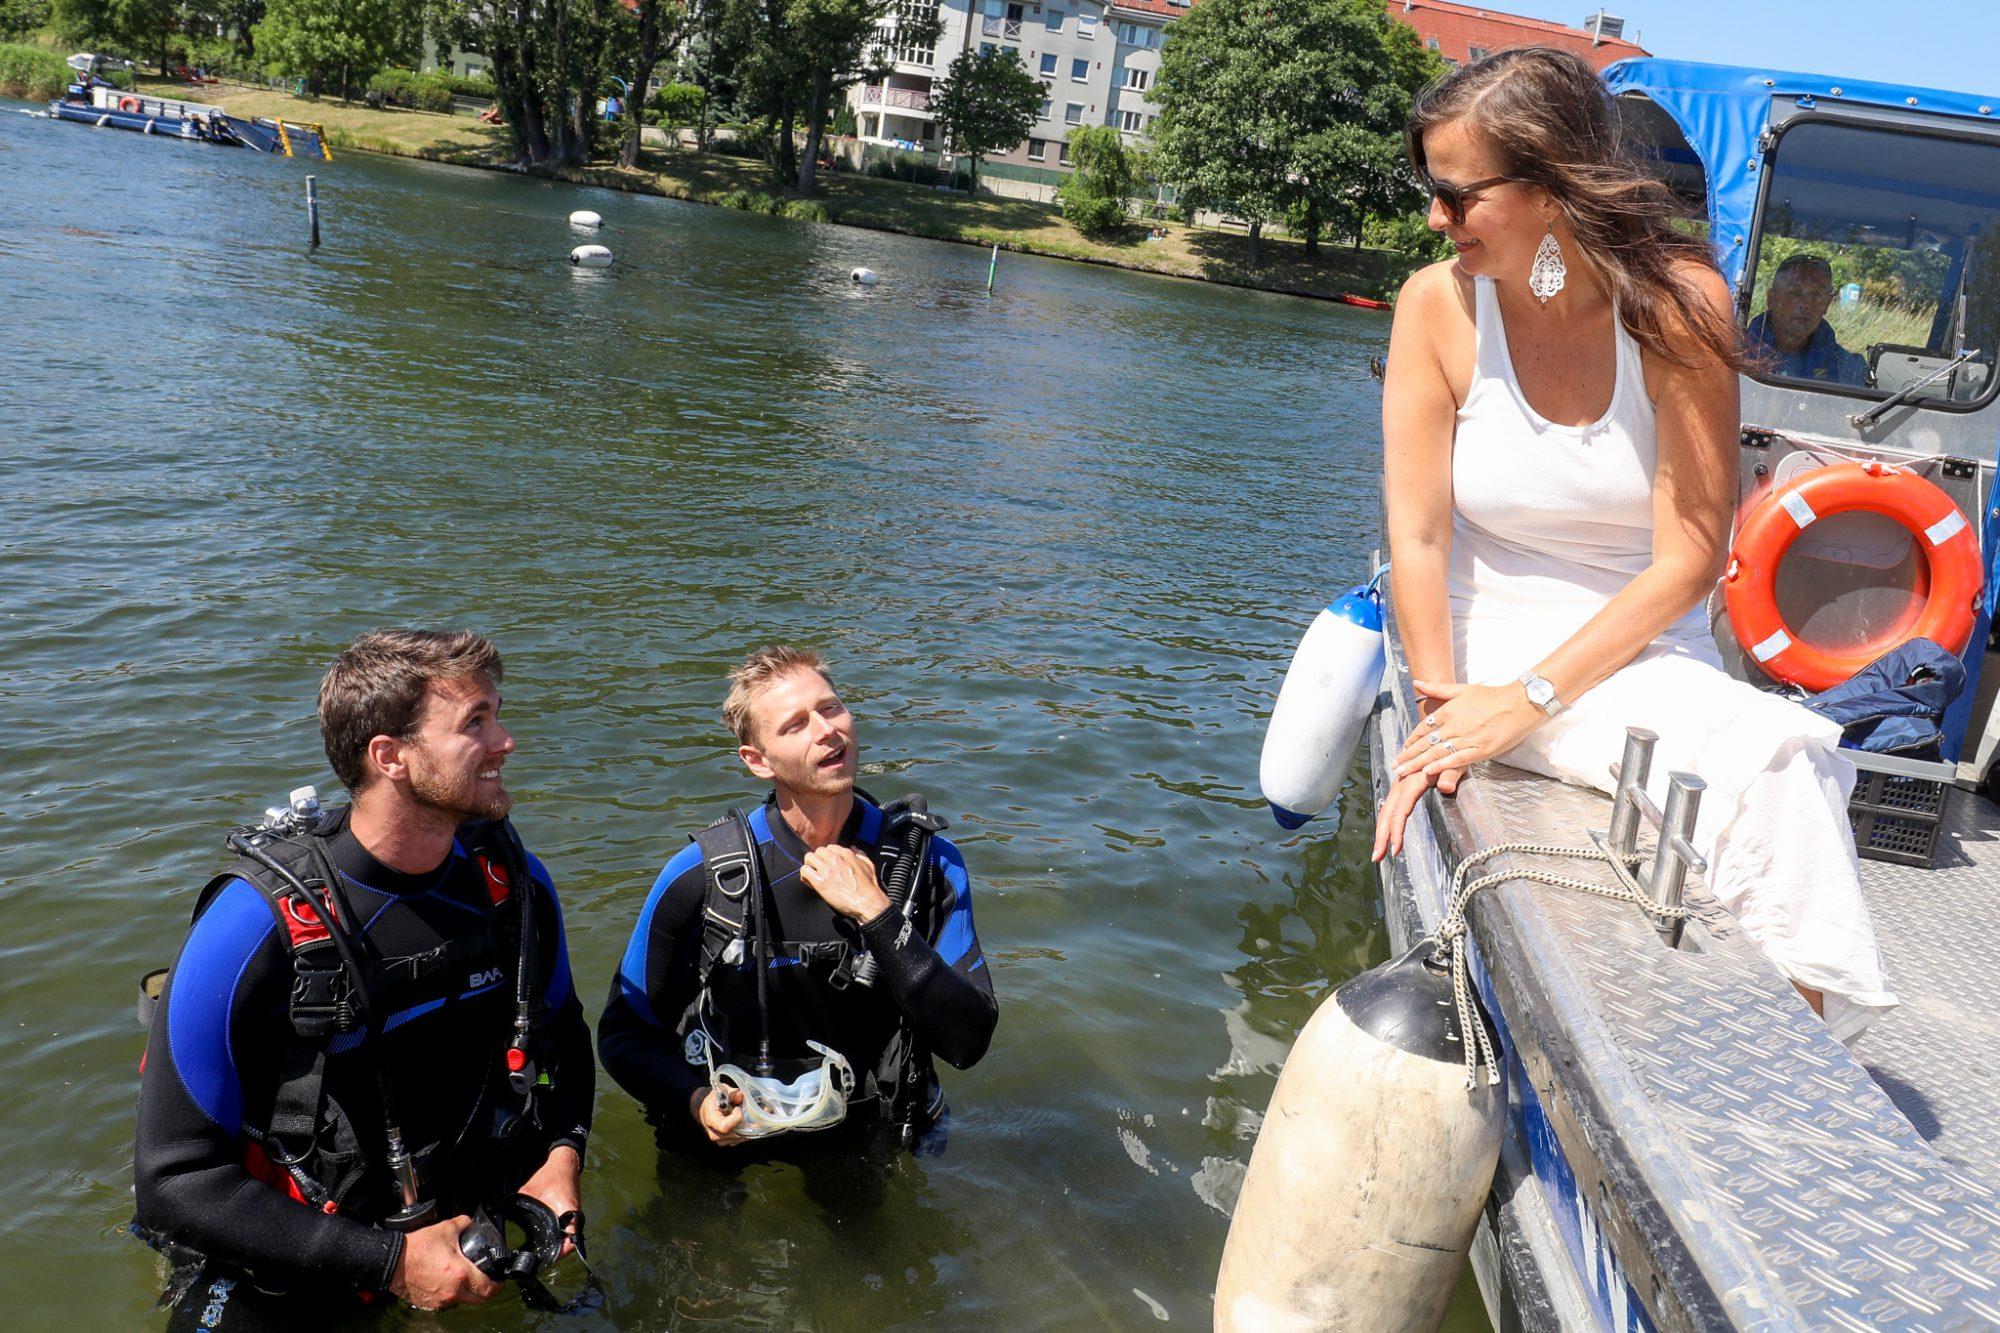 Top-Wasserqualität und hohe Zufriedenheit der Badegäste dank ausgeklügeltem Mähmanagement der Stadt Wien. Bild:PID/Christian Fürthner.